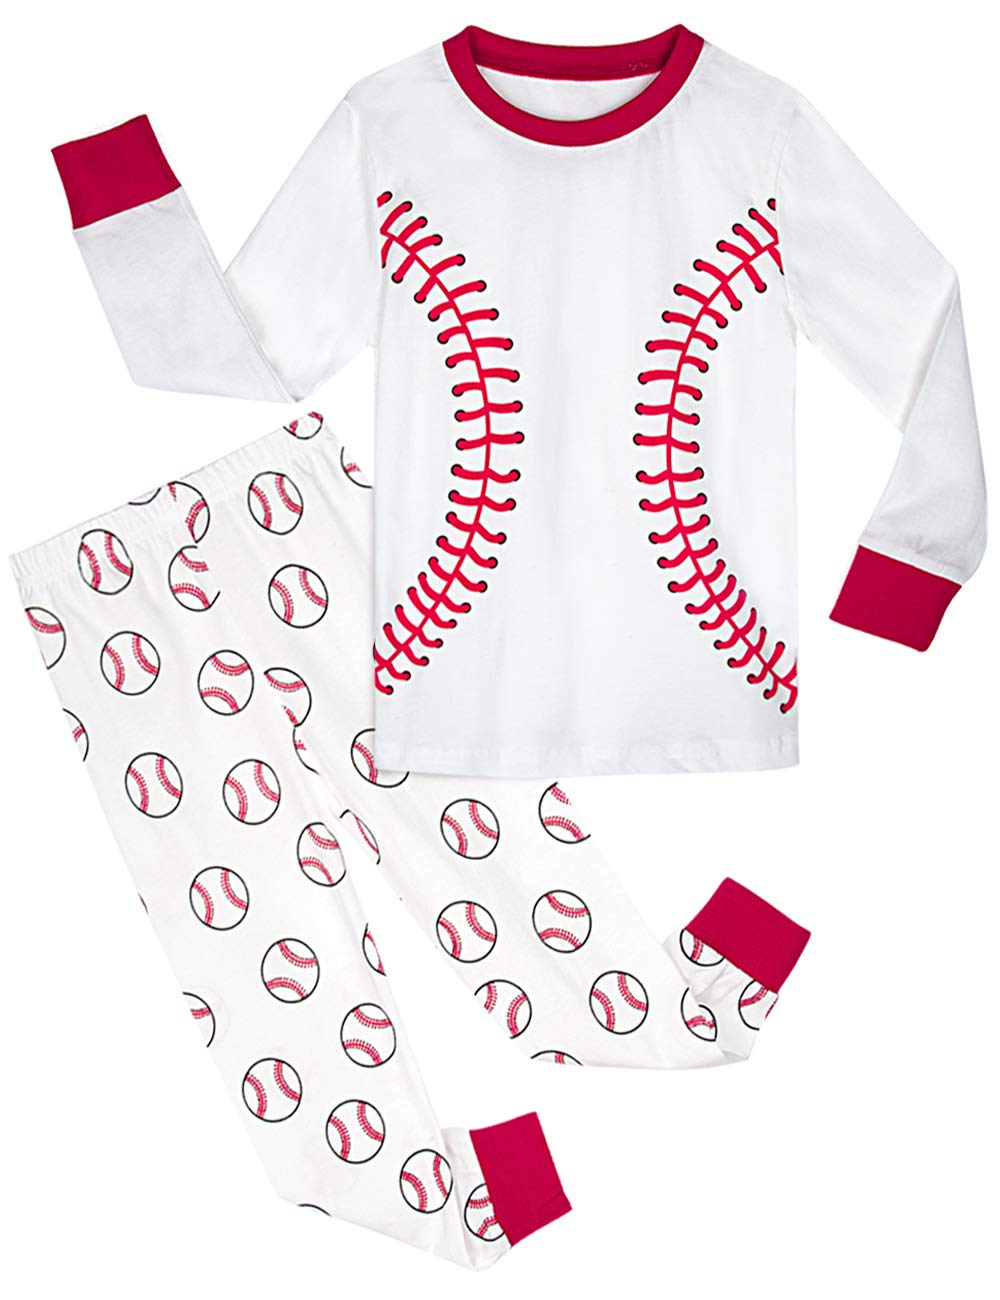 Image of Baseball Pajama Set for Boys